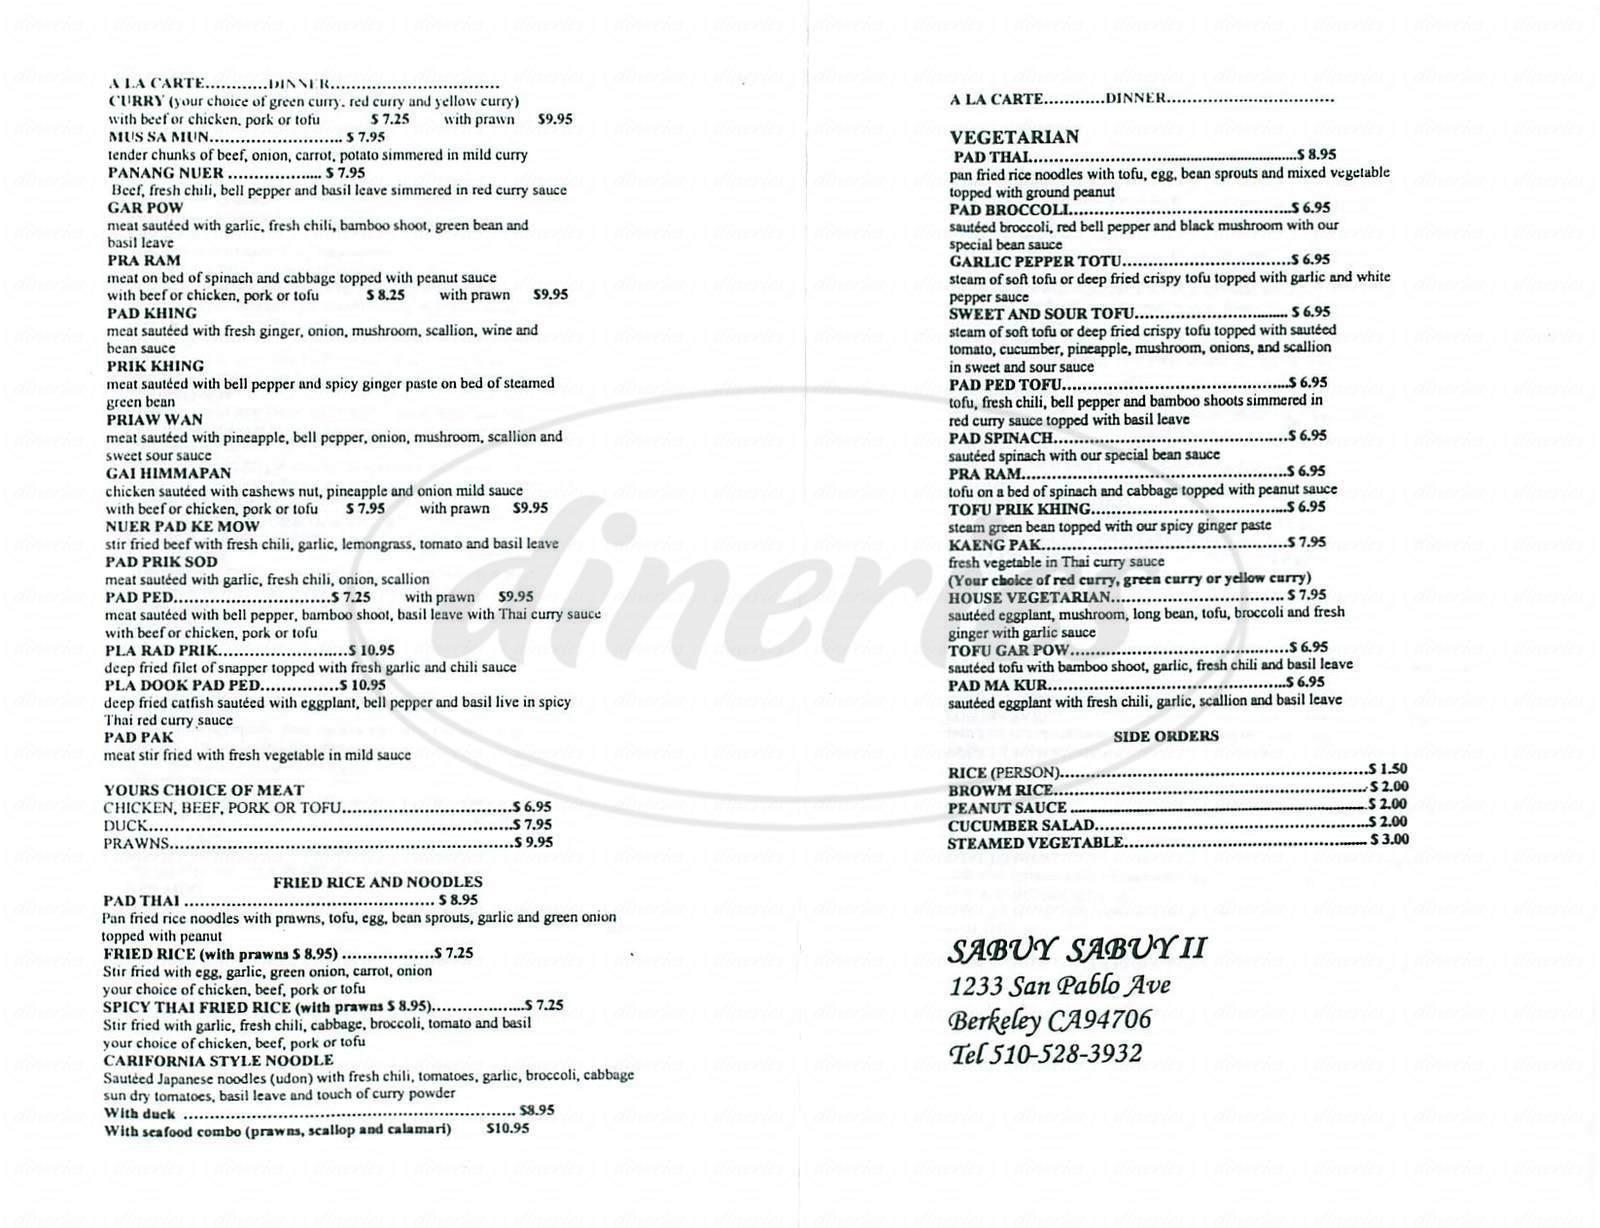 menu for Sabuy Sabuy II